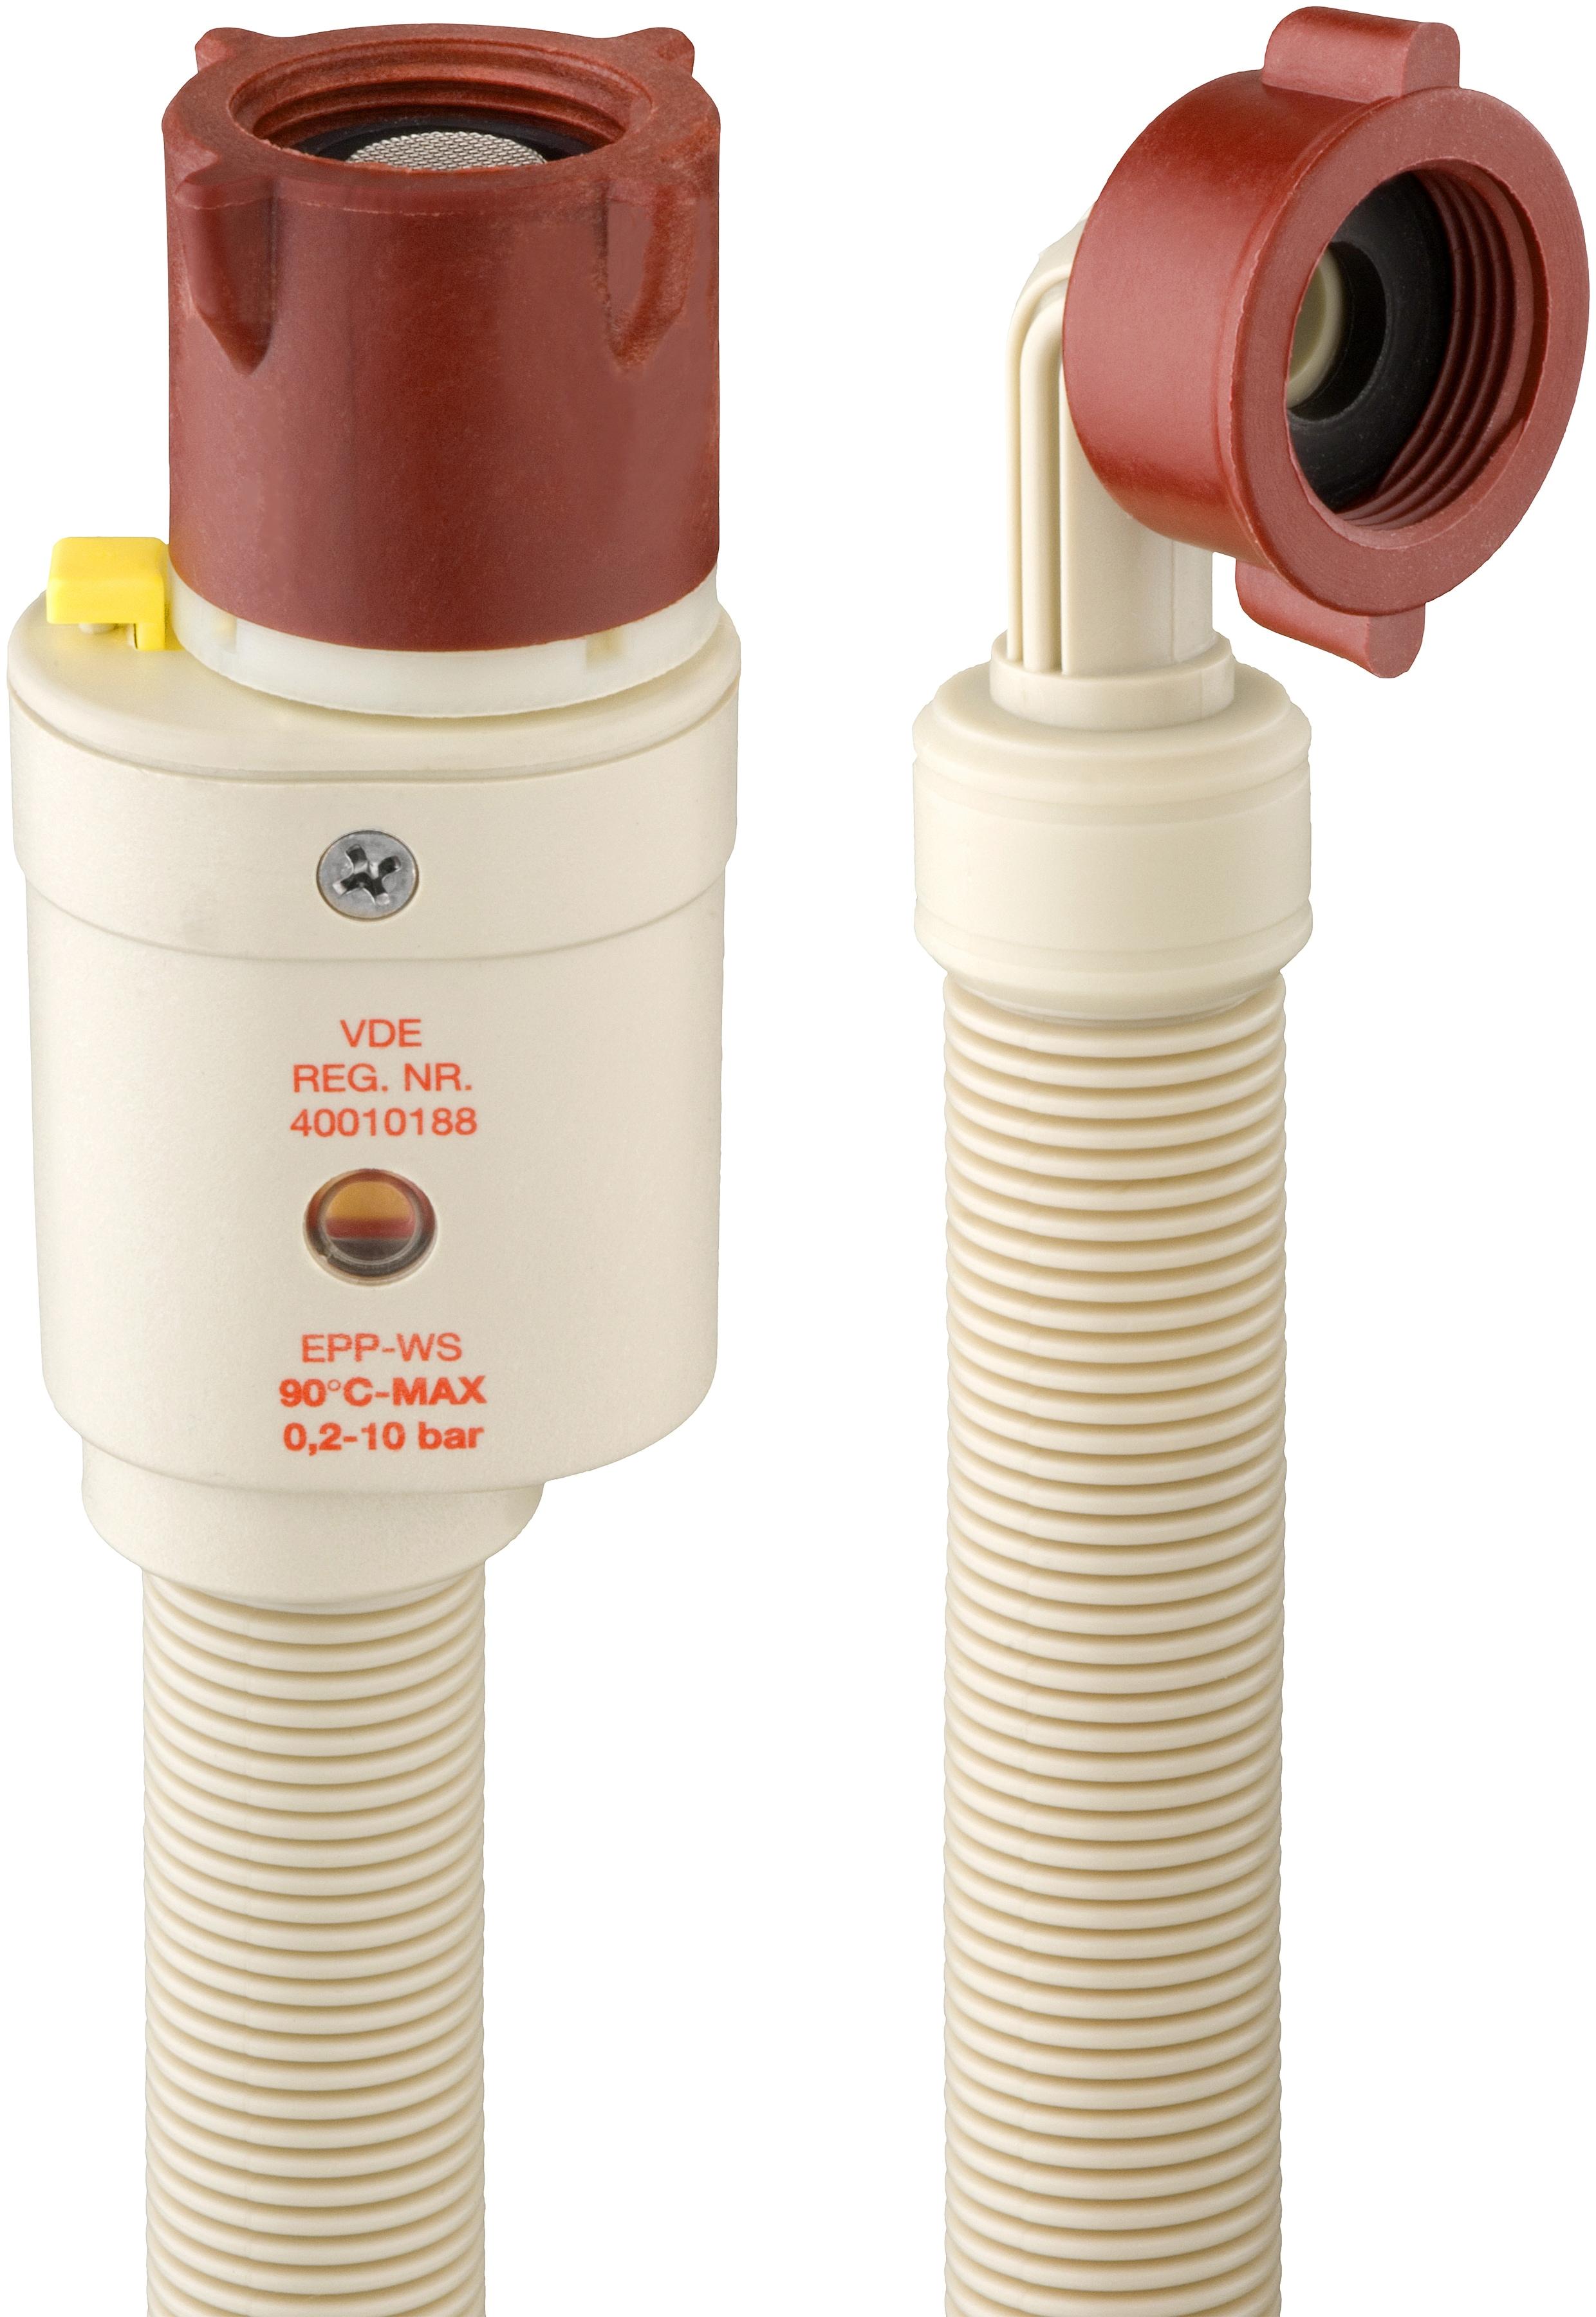 CORNAT Aquastop-Sicherheitsschlauch 2 m | Bad > Waschmaschinen und Trockner > Waschmaschinen Zubehör | Weiß | Kunststoff | CORNAT